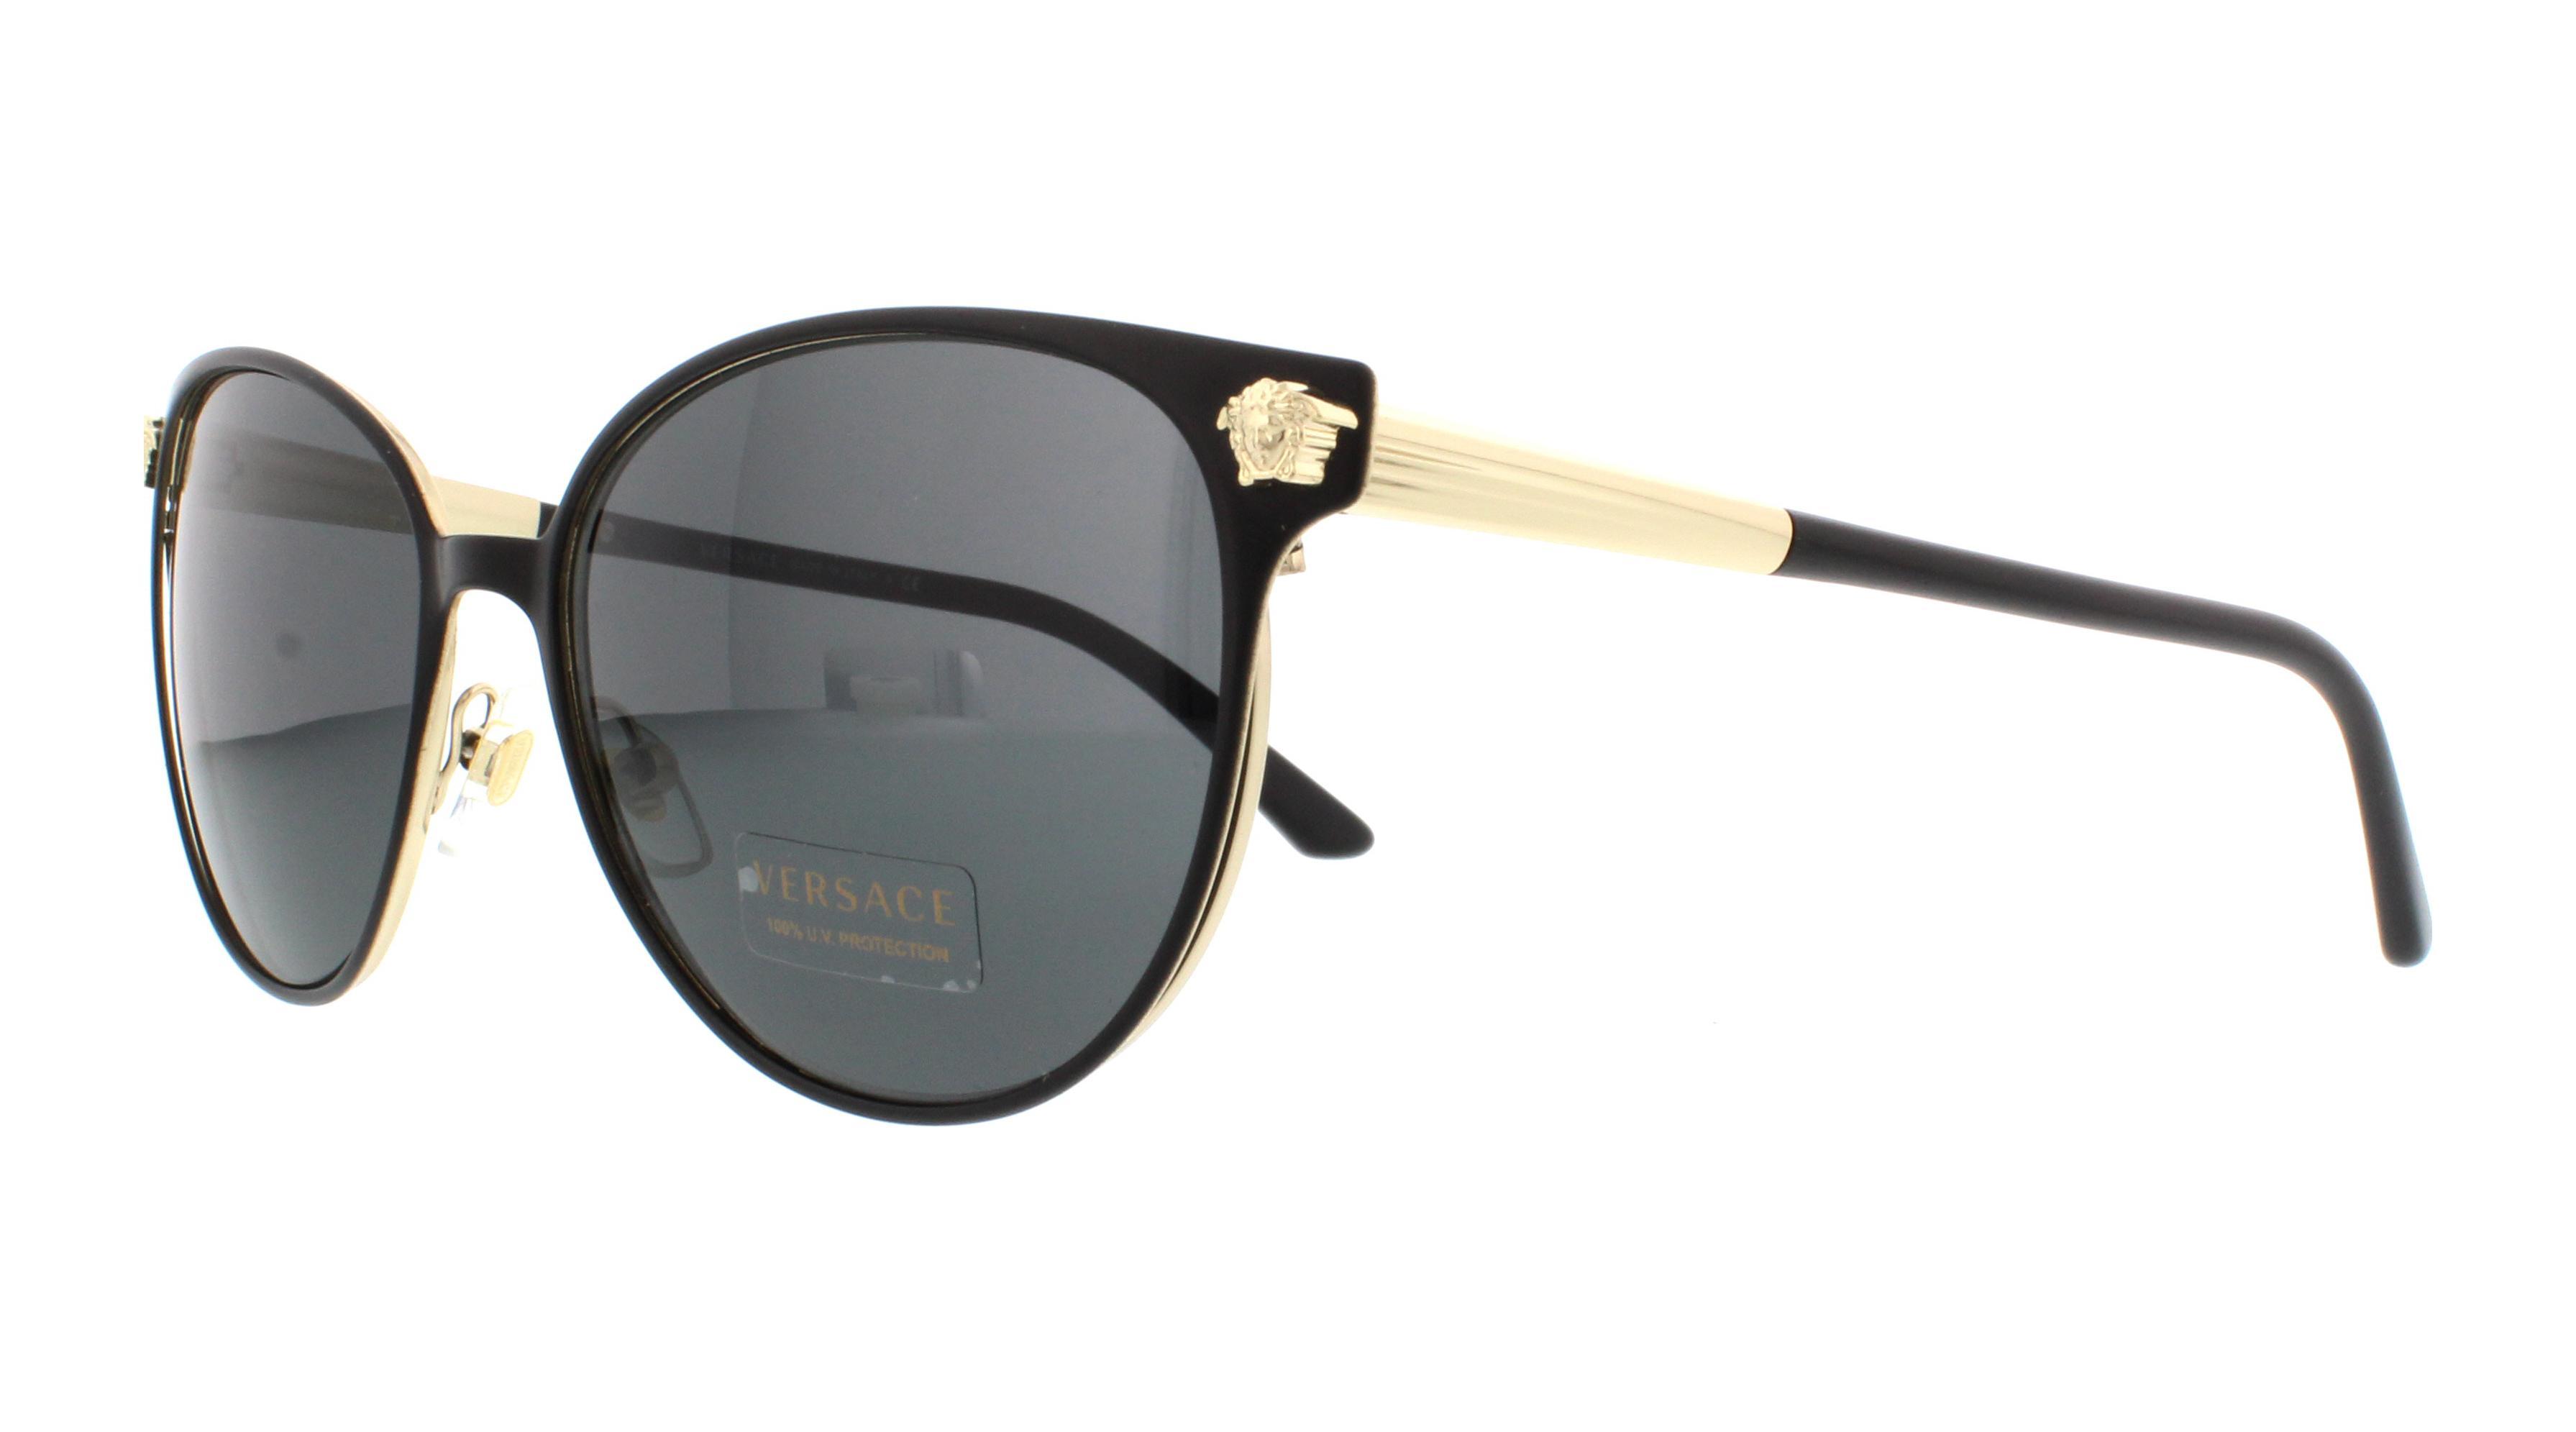 424c907ece0 Designer Frames Outlet. Versace VE2168